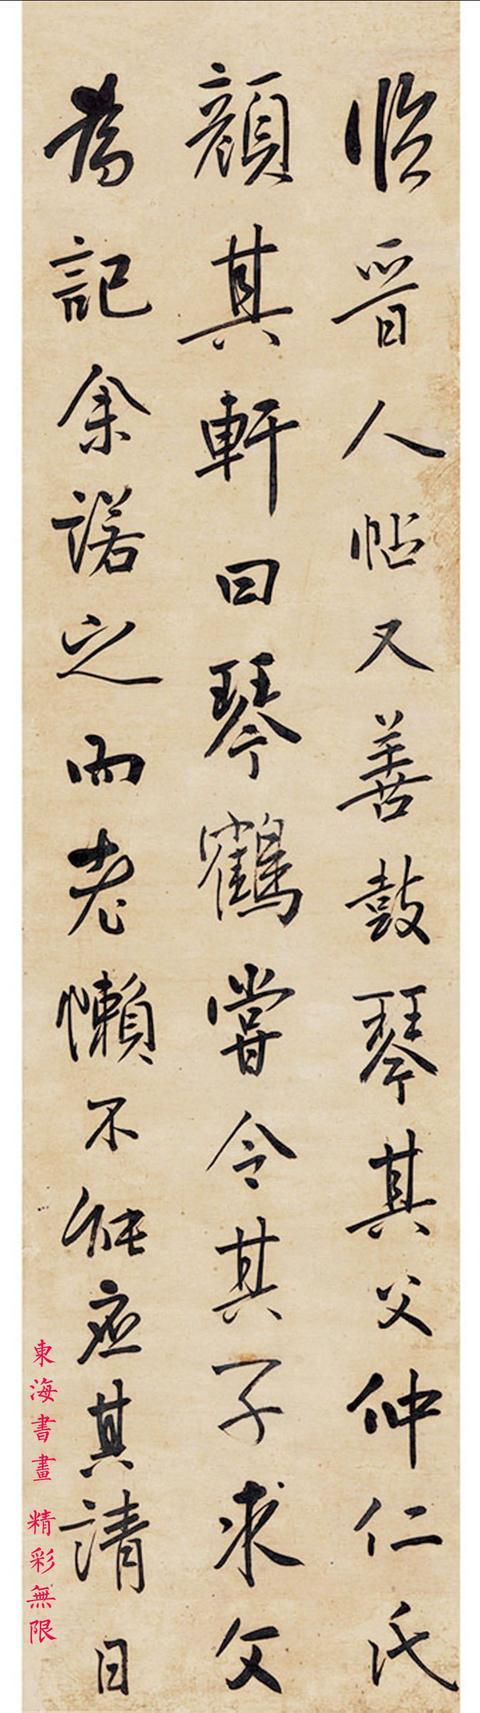 乾隆进士 蒋祥墀 1808年 行书 六屏立轴